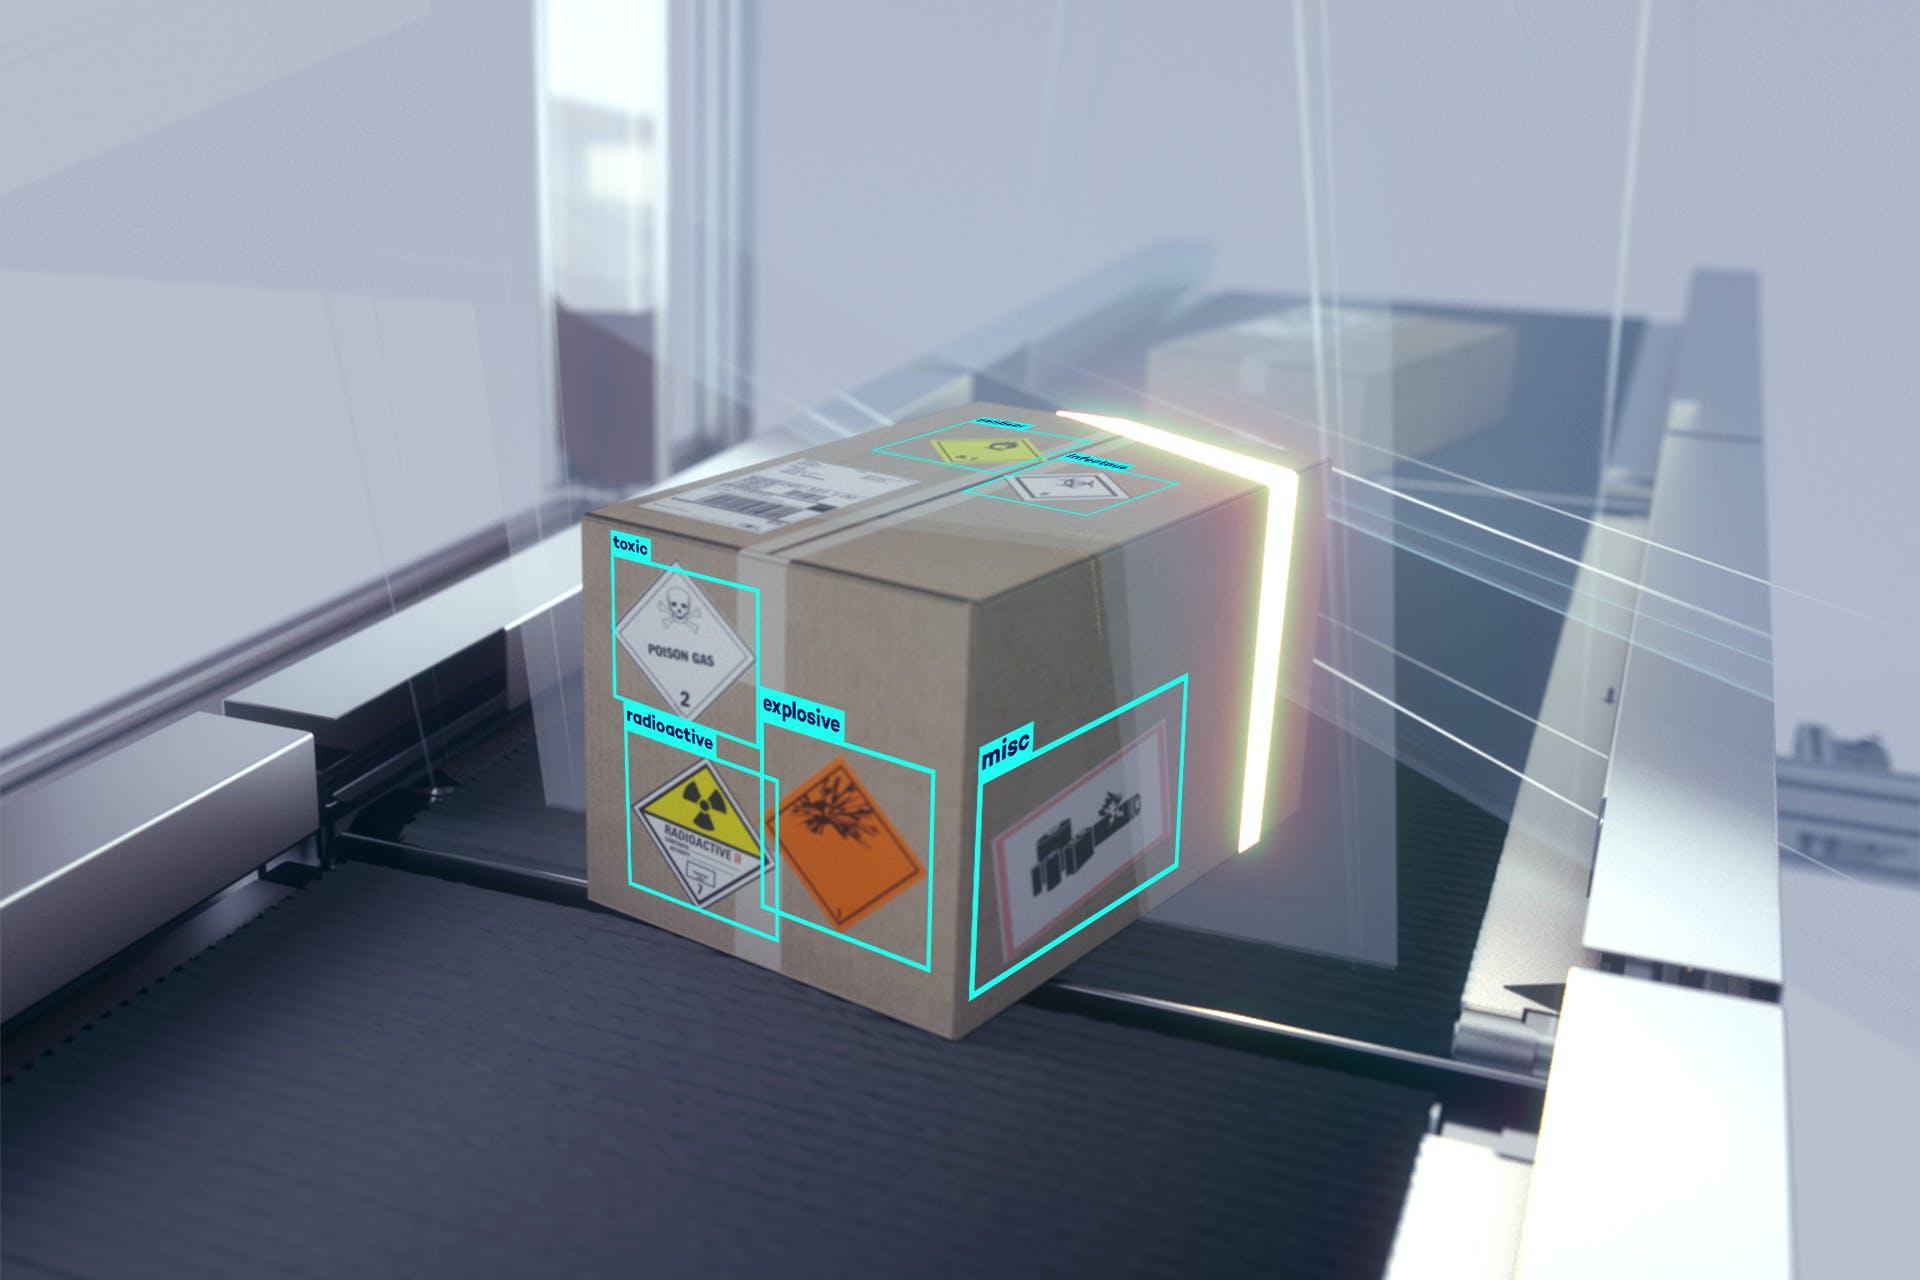 Ein Paket mit verschiedenen Gefahrgutaufklebern bei der Erfassung auf einem Förderband.